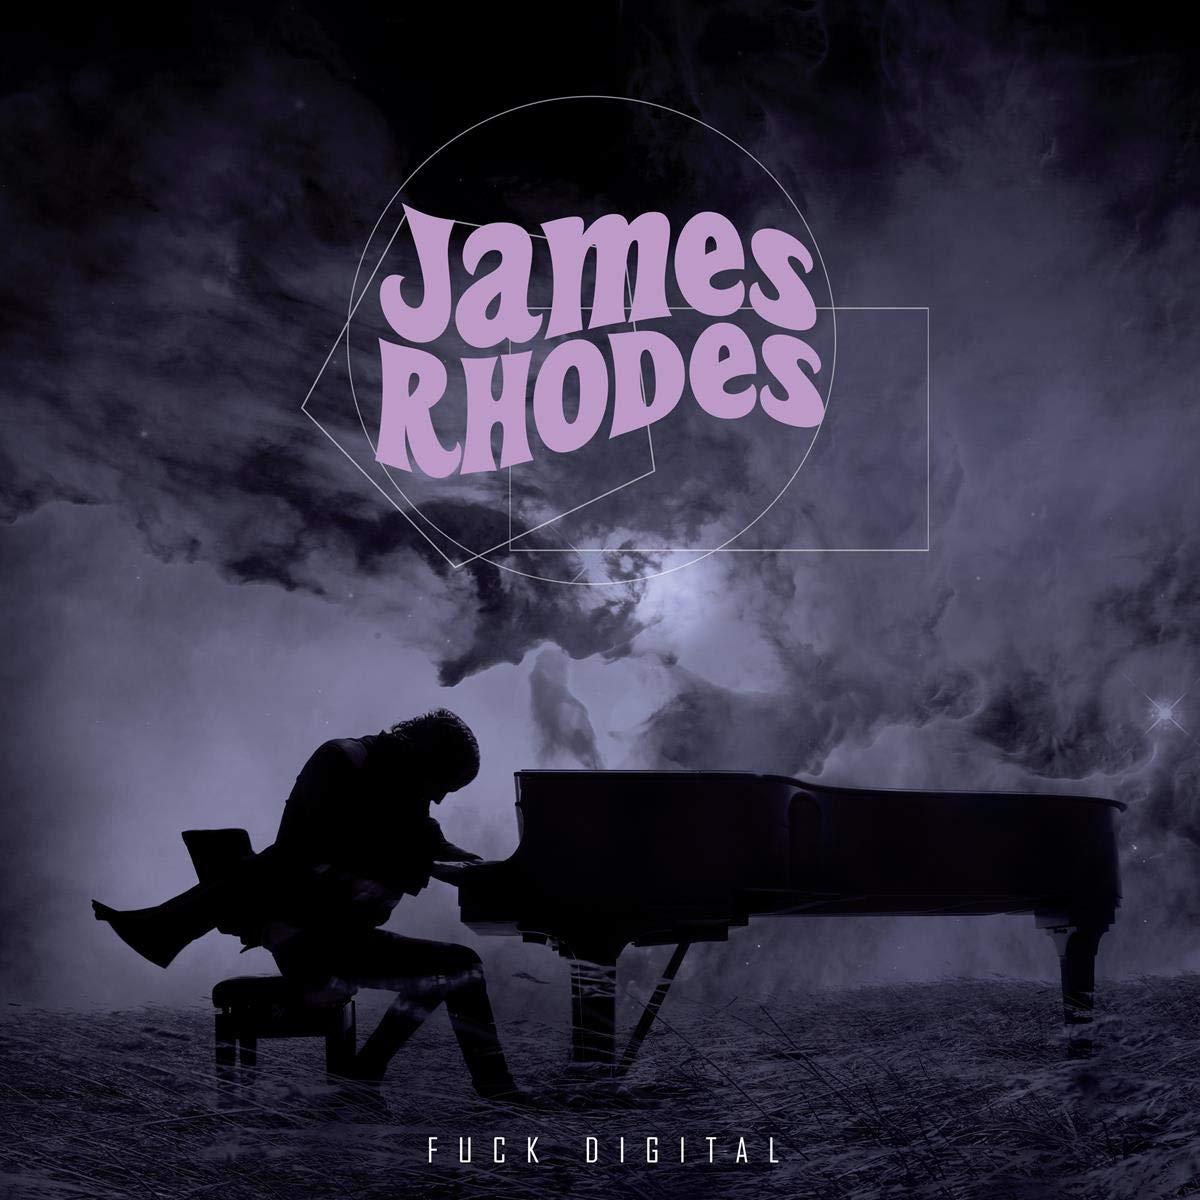 Fuck Digital : James Rhodes, Chopin: Amazon.es: Música